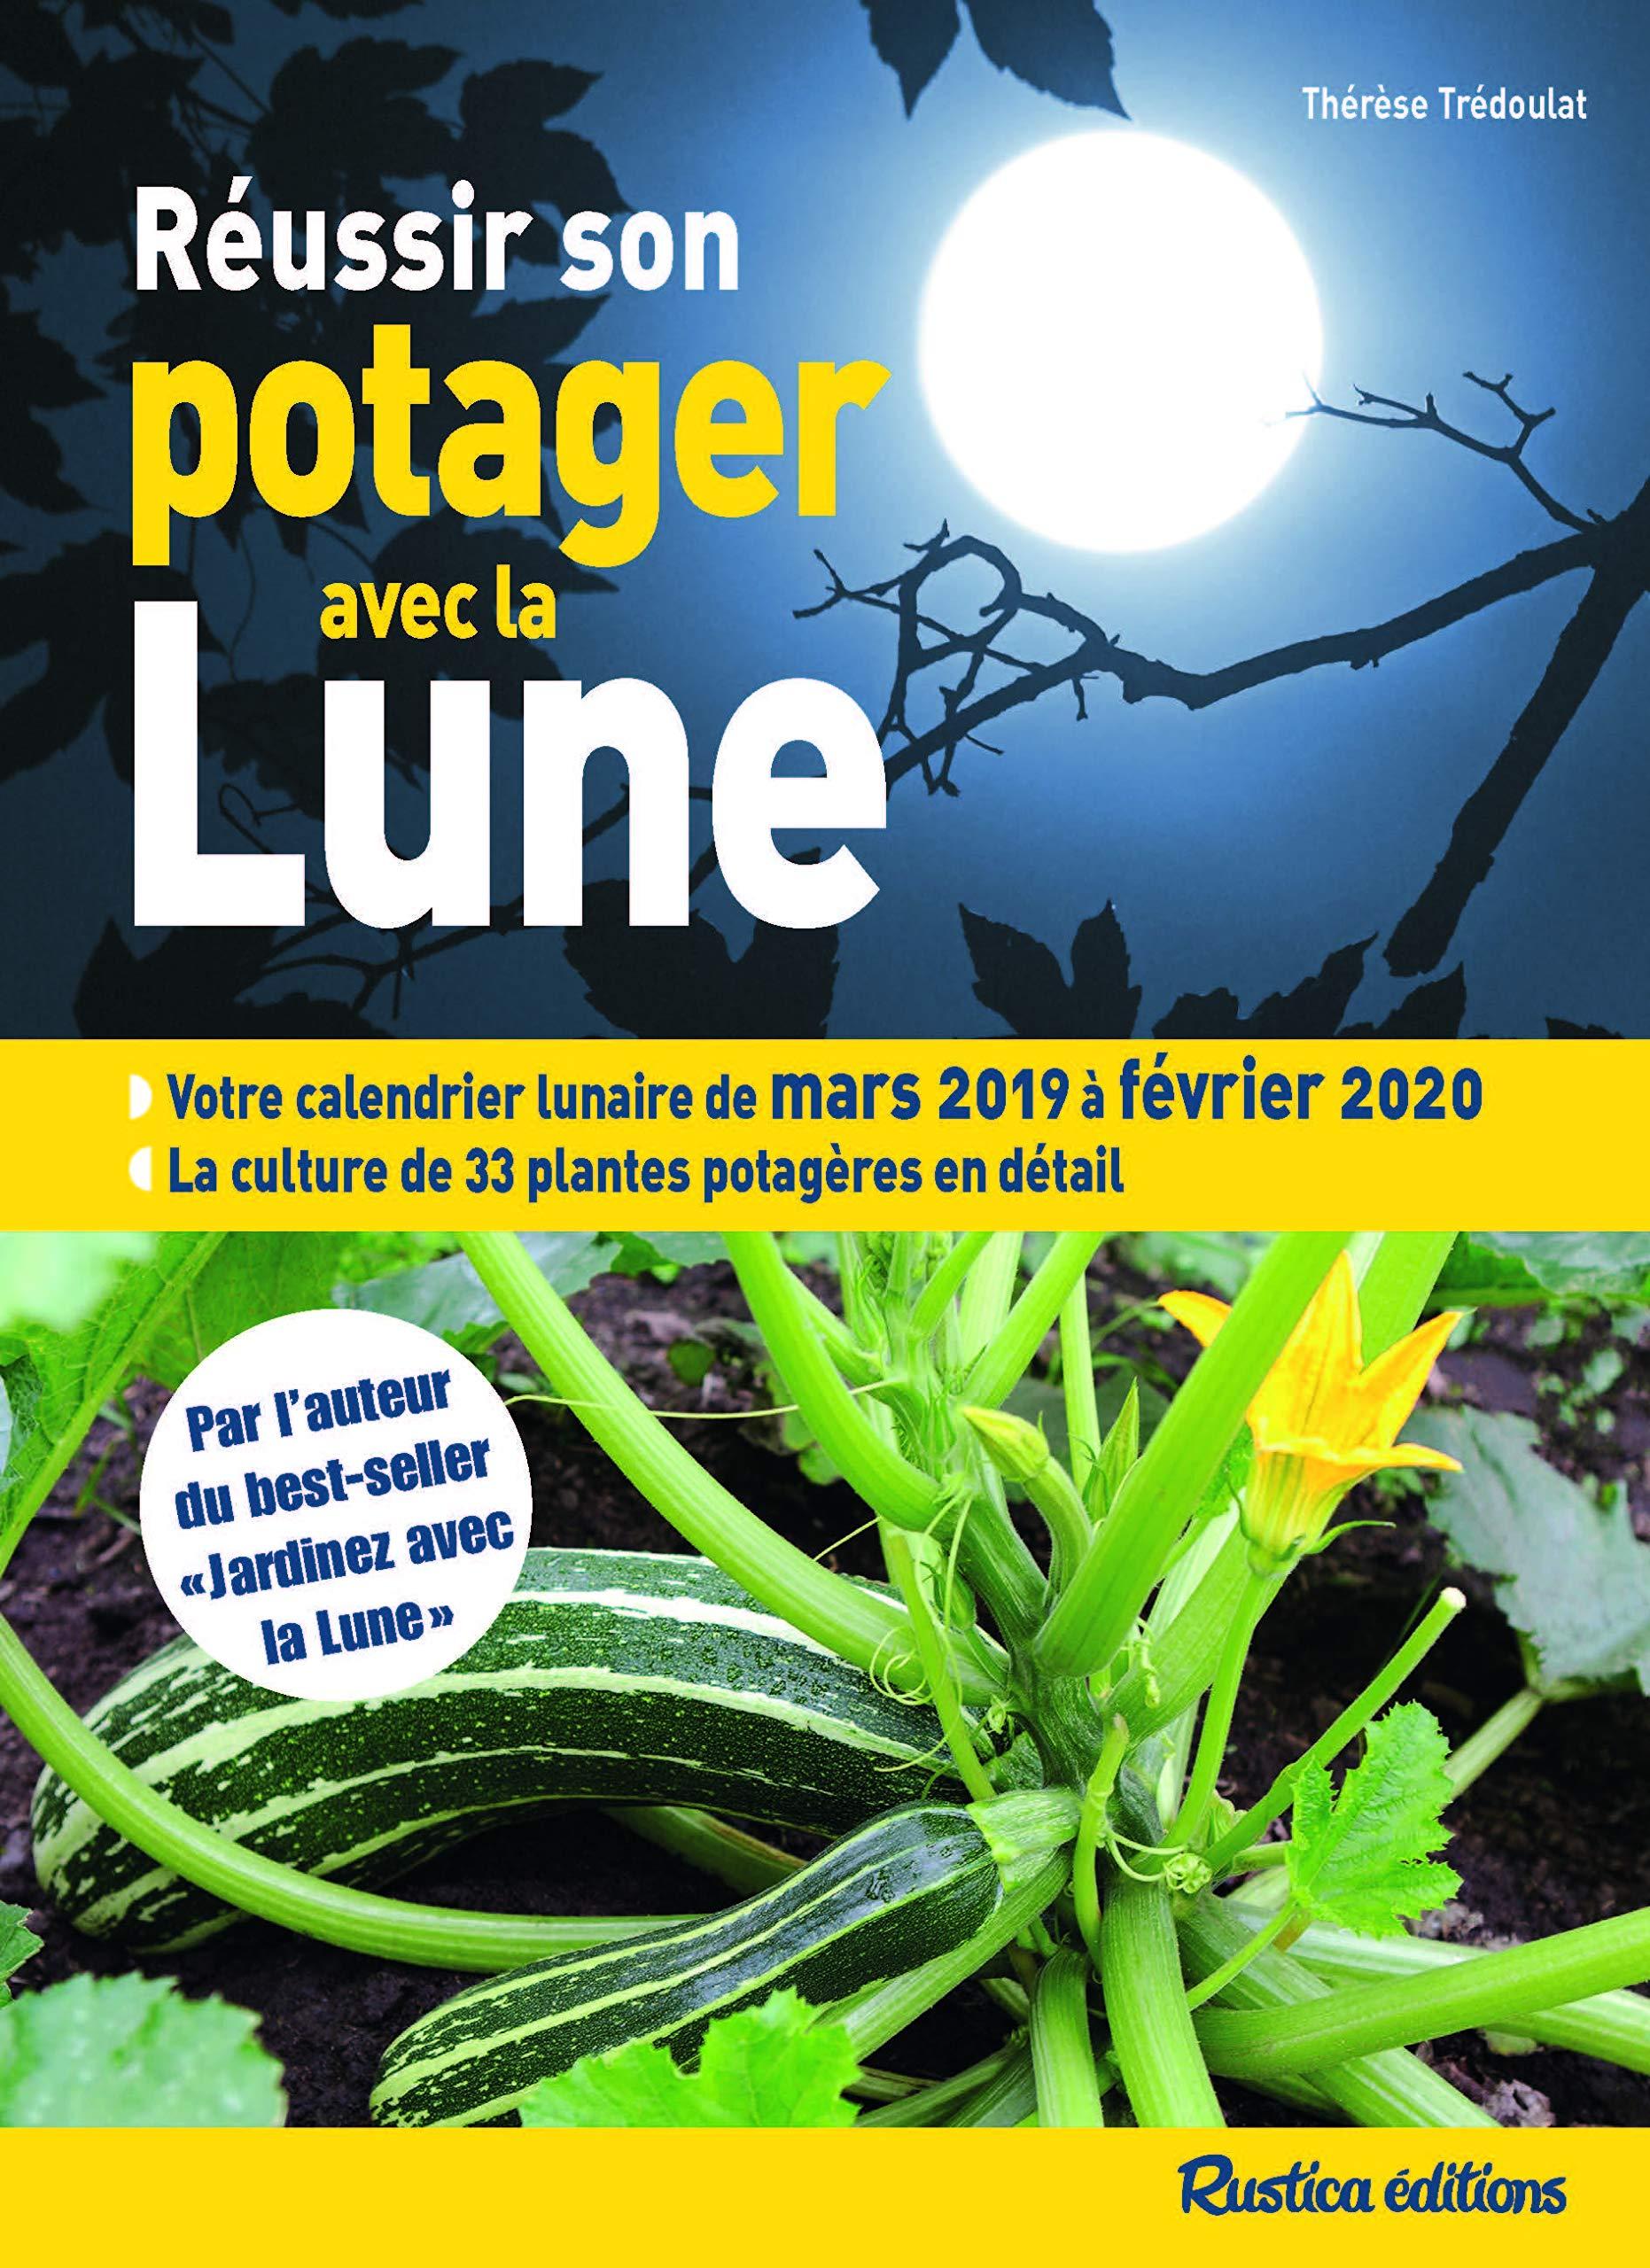 Calendrier Lunaire De Mars 2020.Amazon Fr Reussir Son Potager Avec La Lune 2019 2020